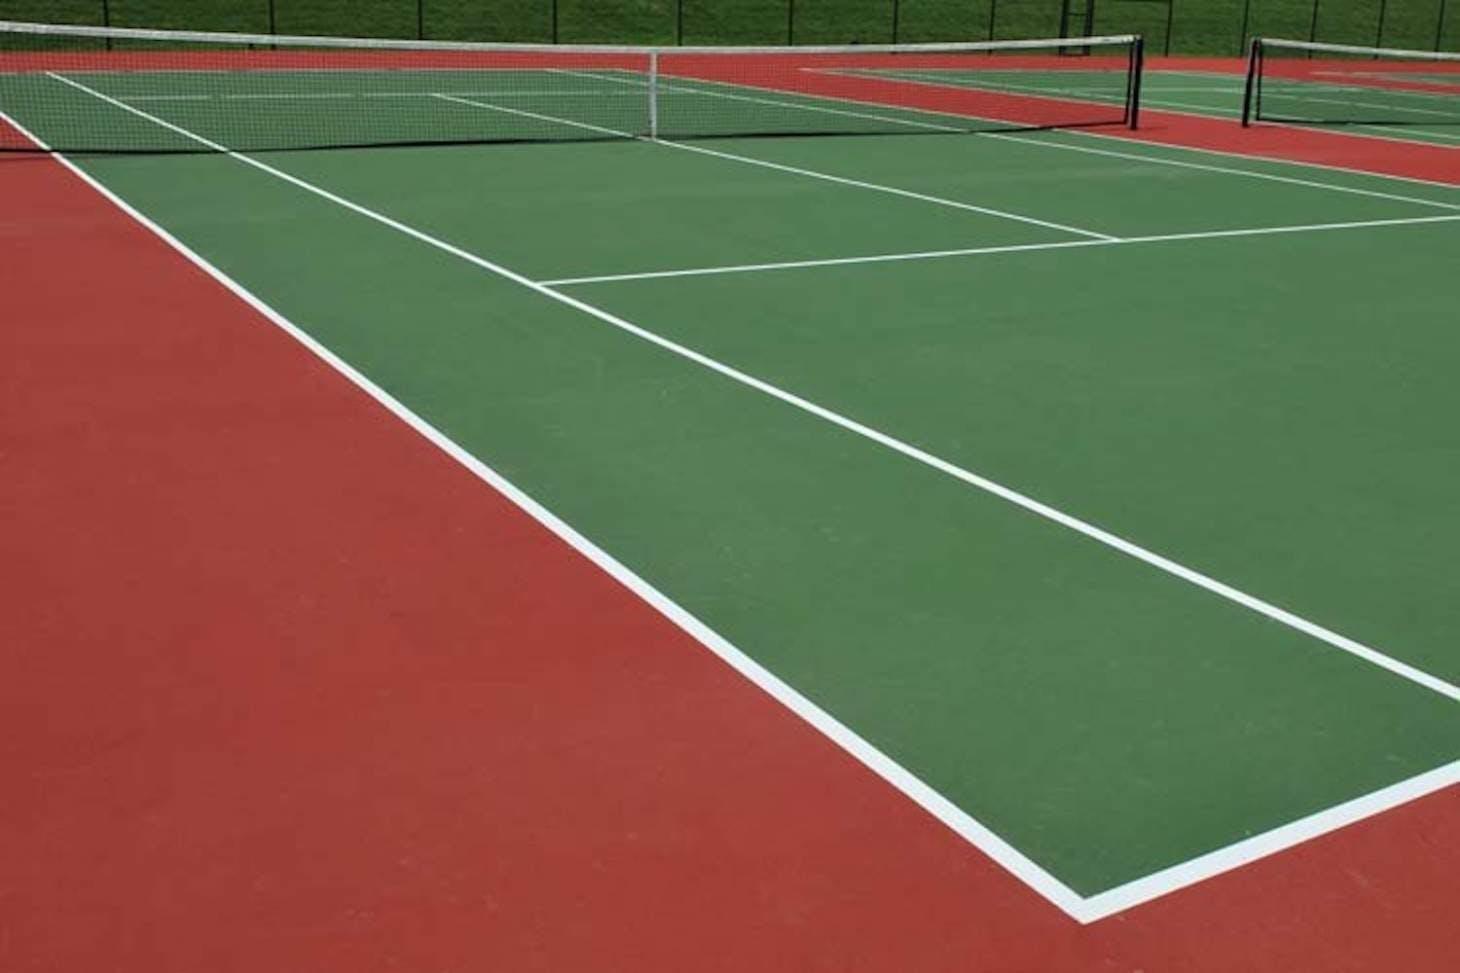 Ravenfield Courts Outdoor | Hard (macadam) tennis court